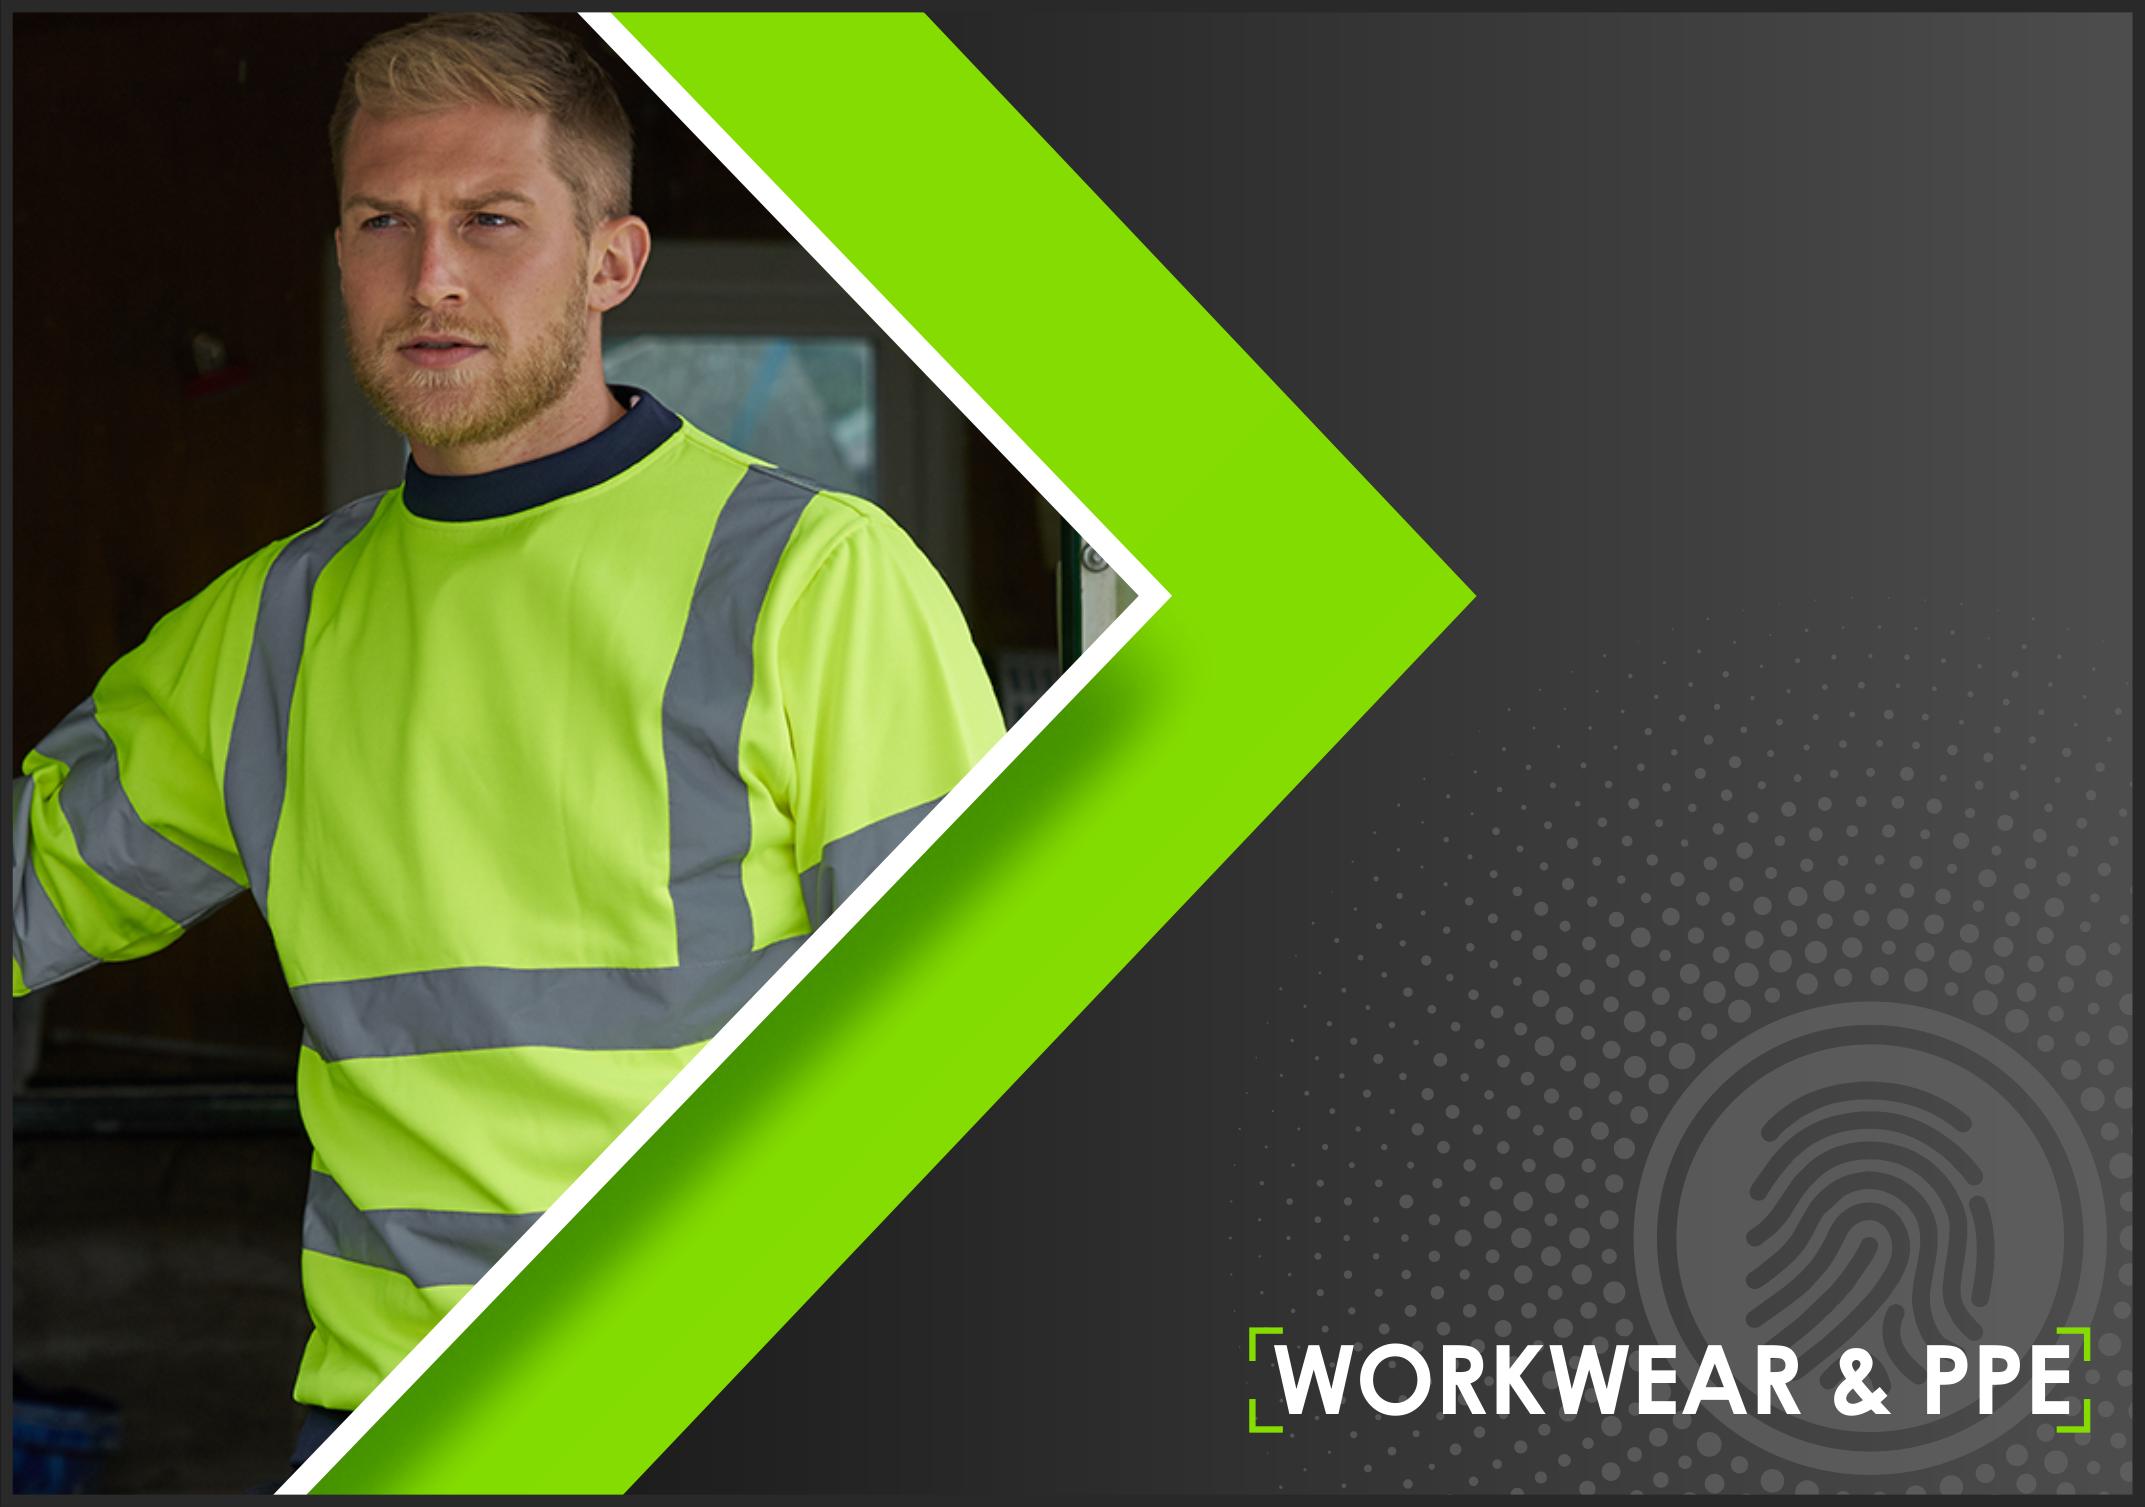 Workwear & PPE 1.0